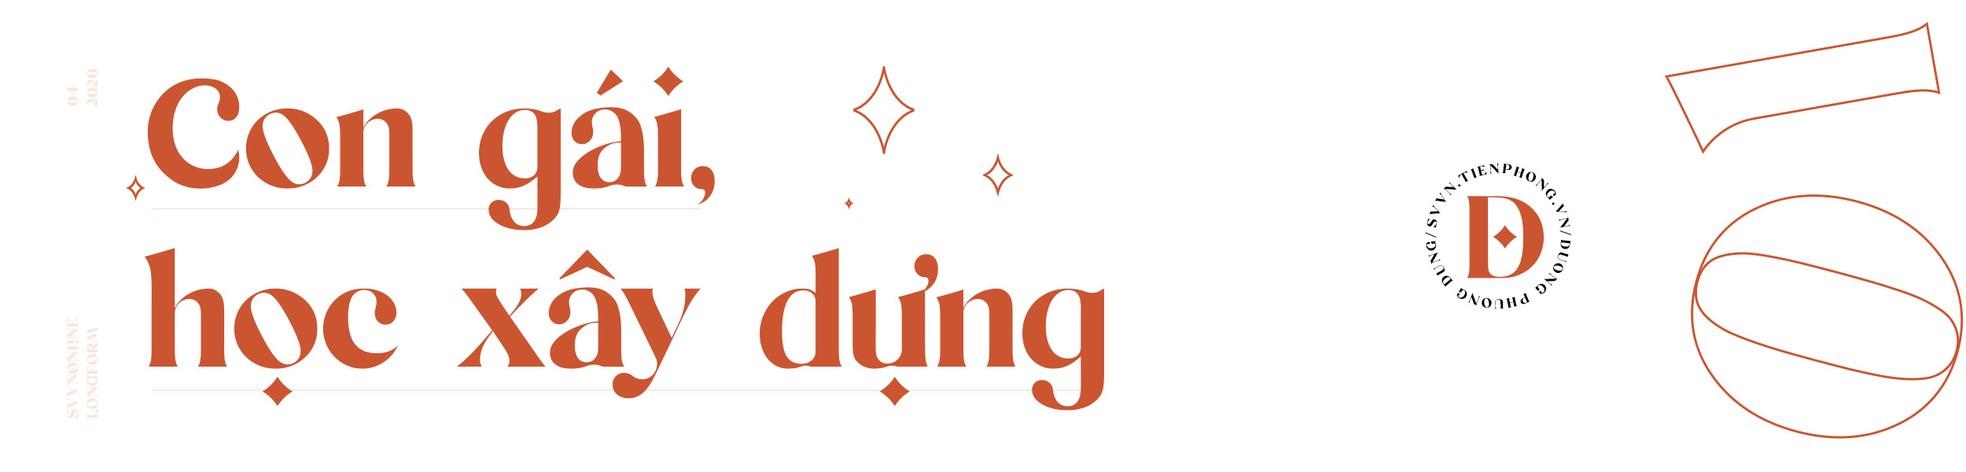 """Dương Phương Dung - """"Cô gái hay cười"""" ở trường Xây dựng ảnh 1"""